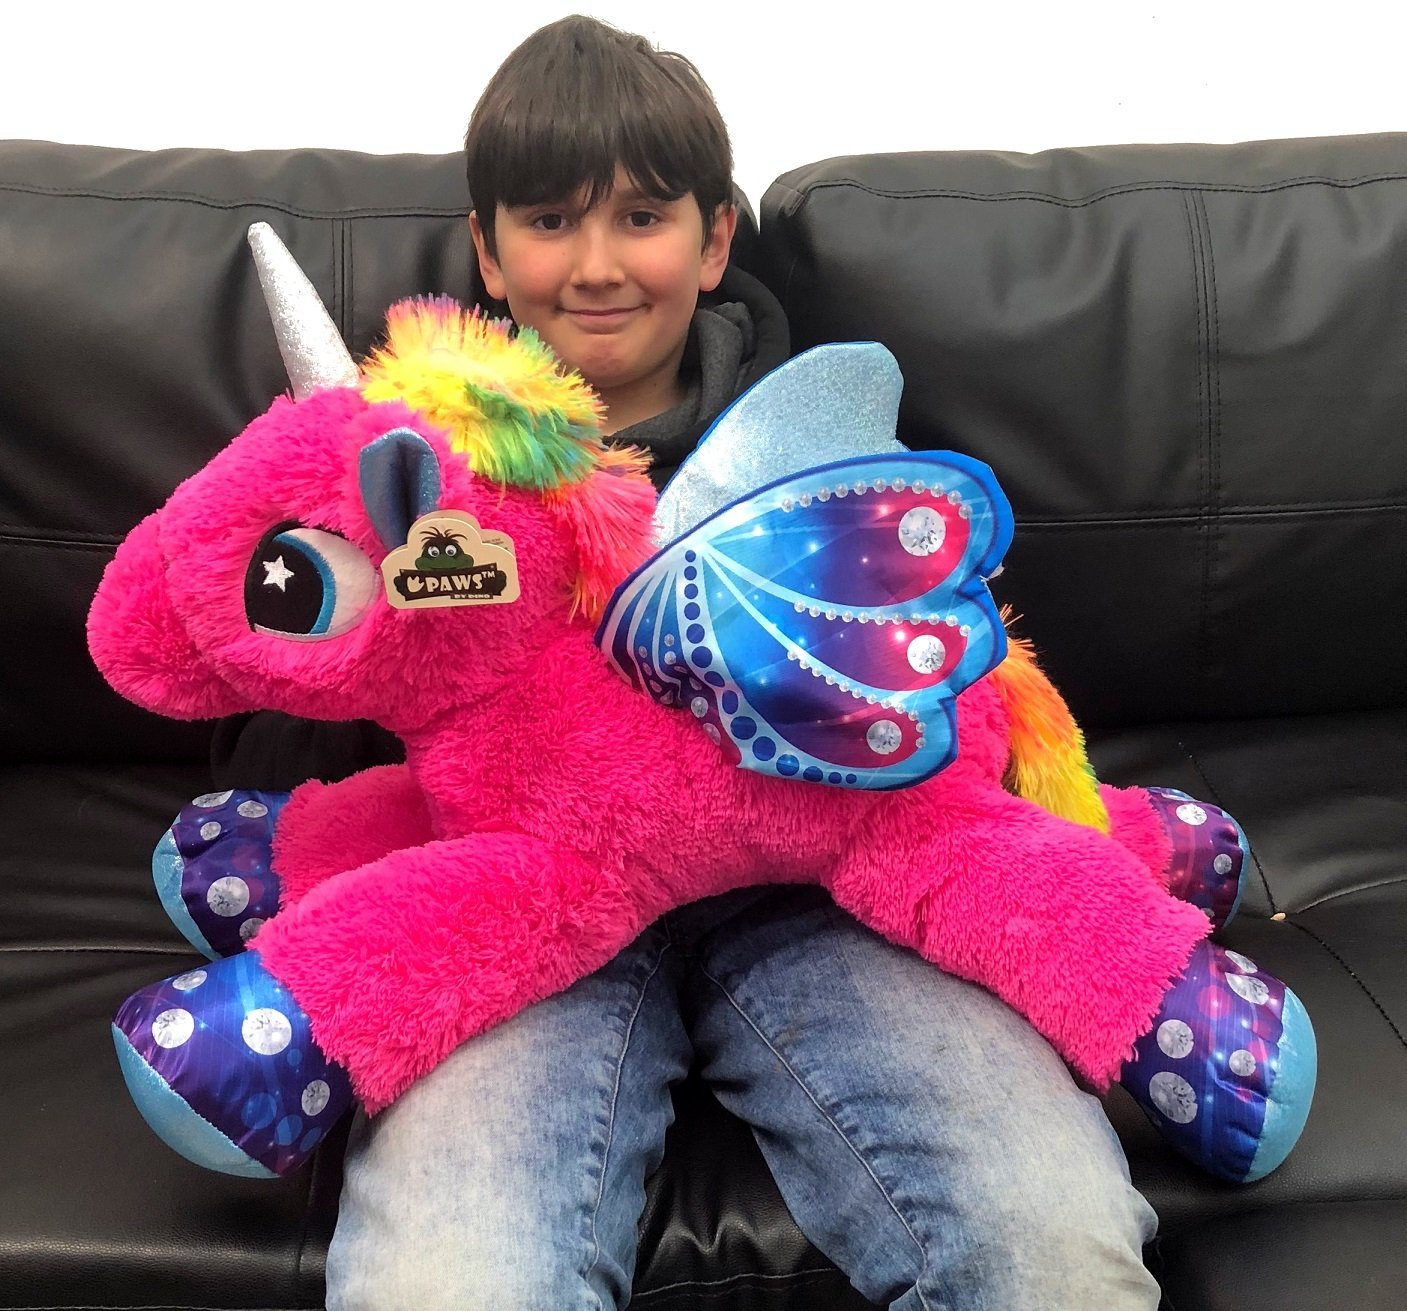 621608b3ea Grande Peluche Unicorno Pony Cavallo Rosa Scuro 60 cm per Bambini Ragazzi  Adulti San Valentino: Amazon.it: Giochi e giocattoli